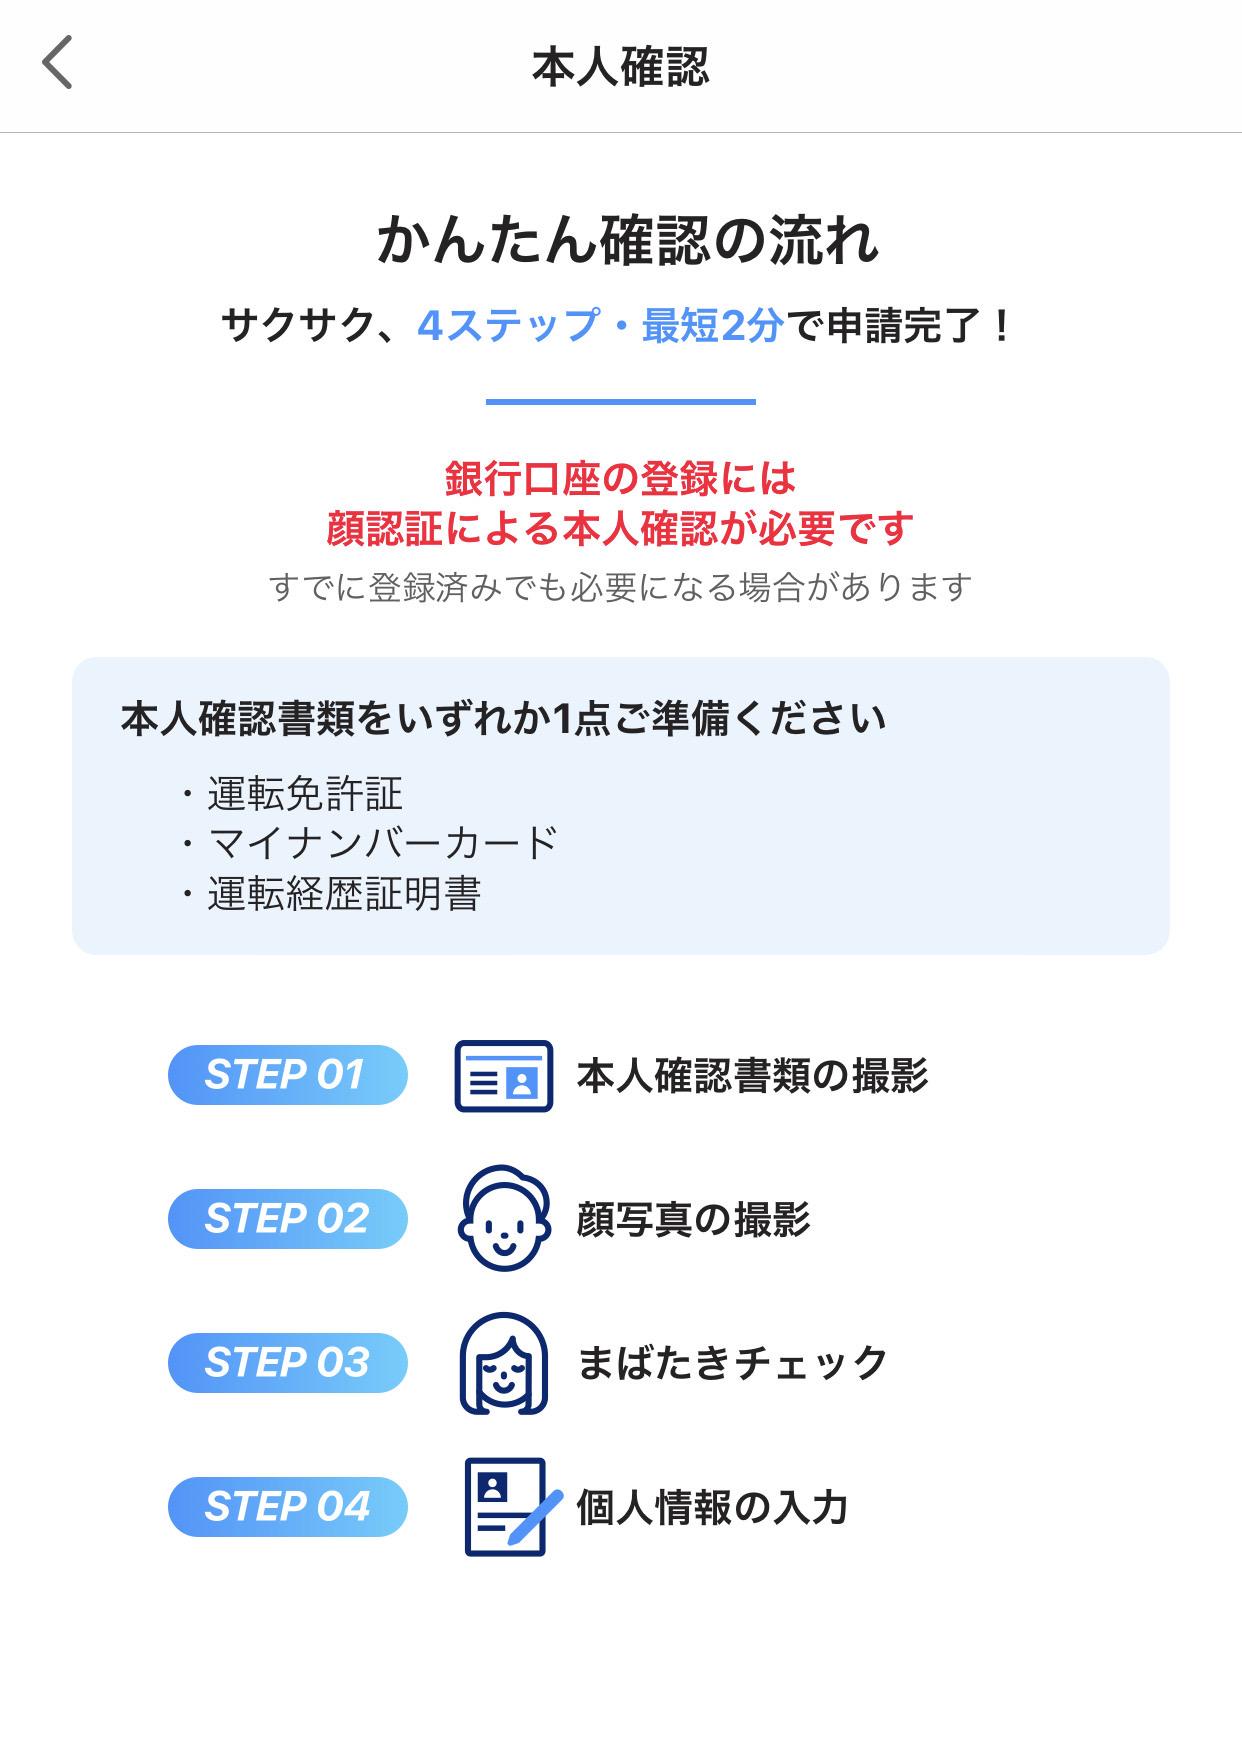 Paypay yucho 202101 2